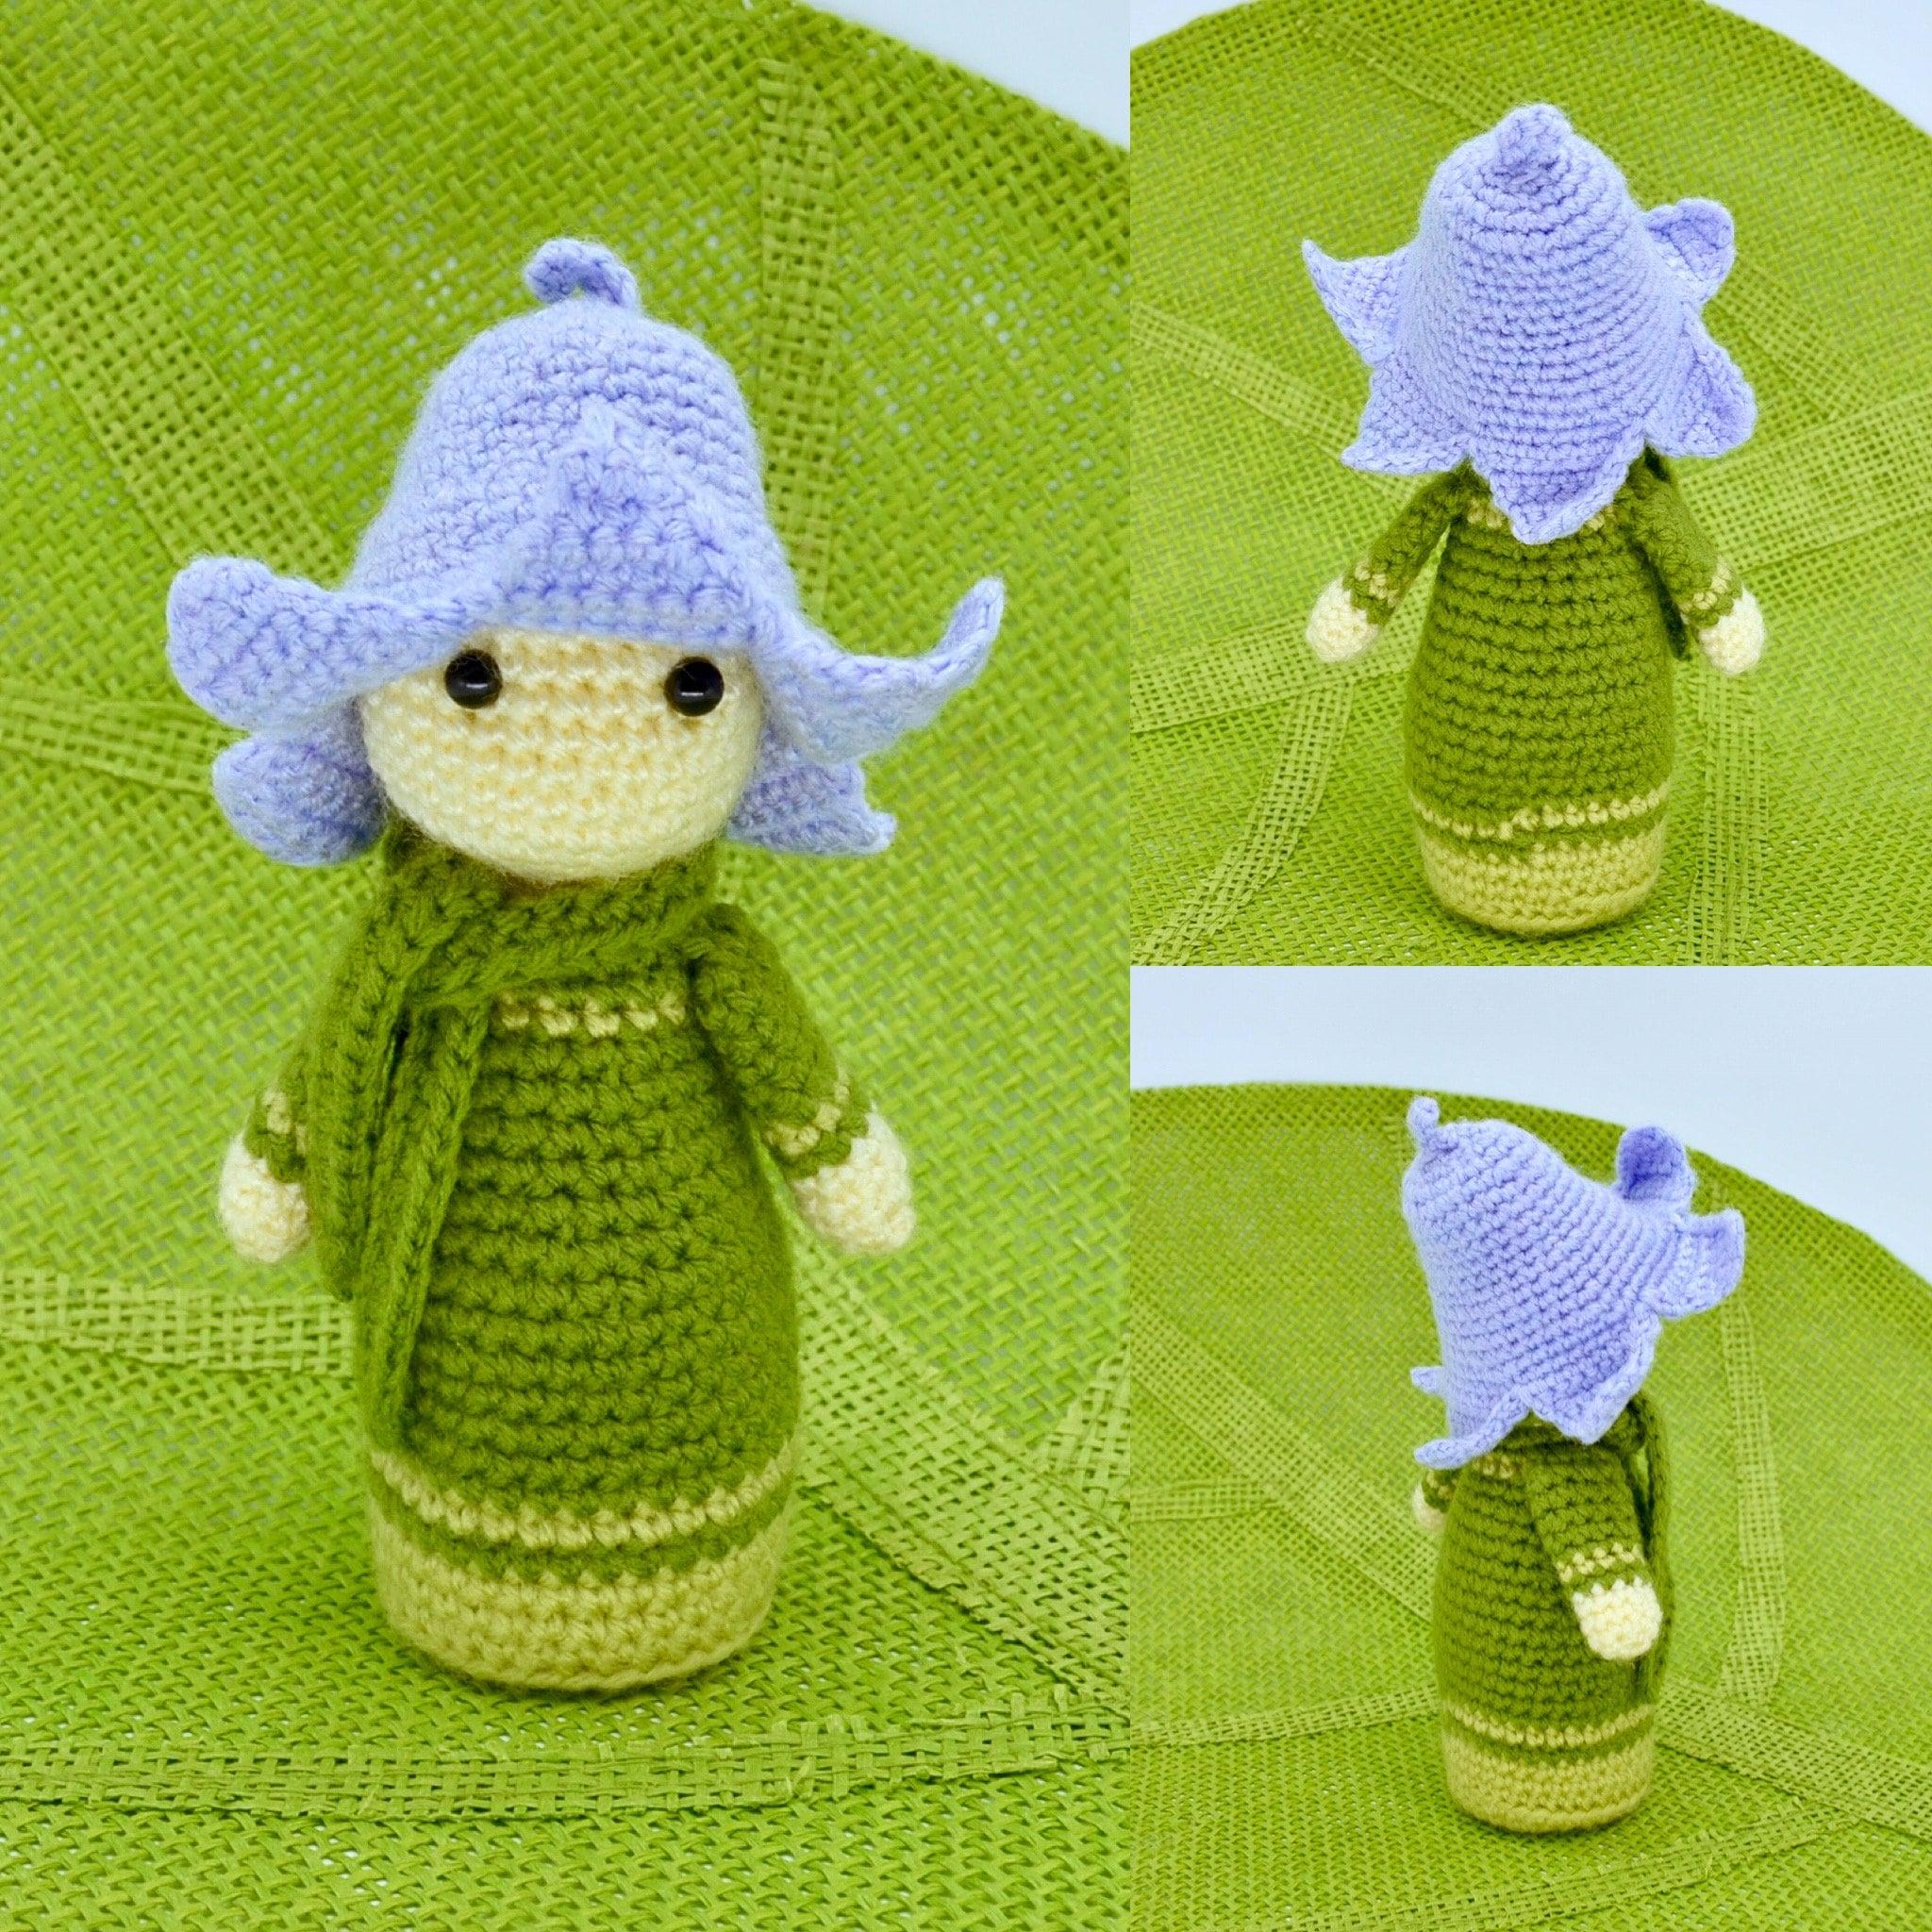 Amigurumi doll in ladybug costume - Amigurumi Today | 2048x2048